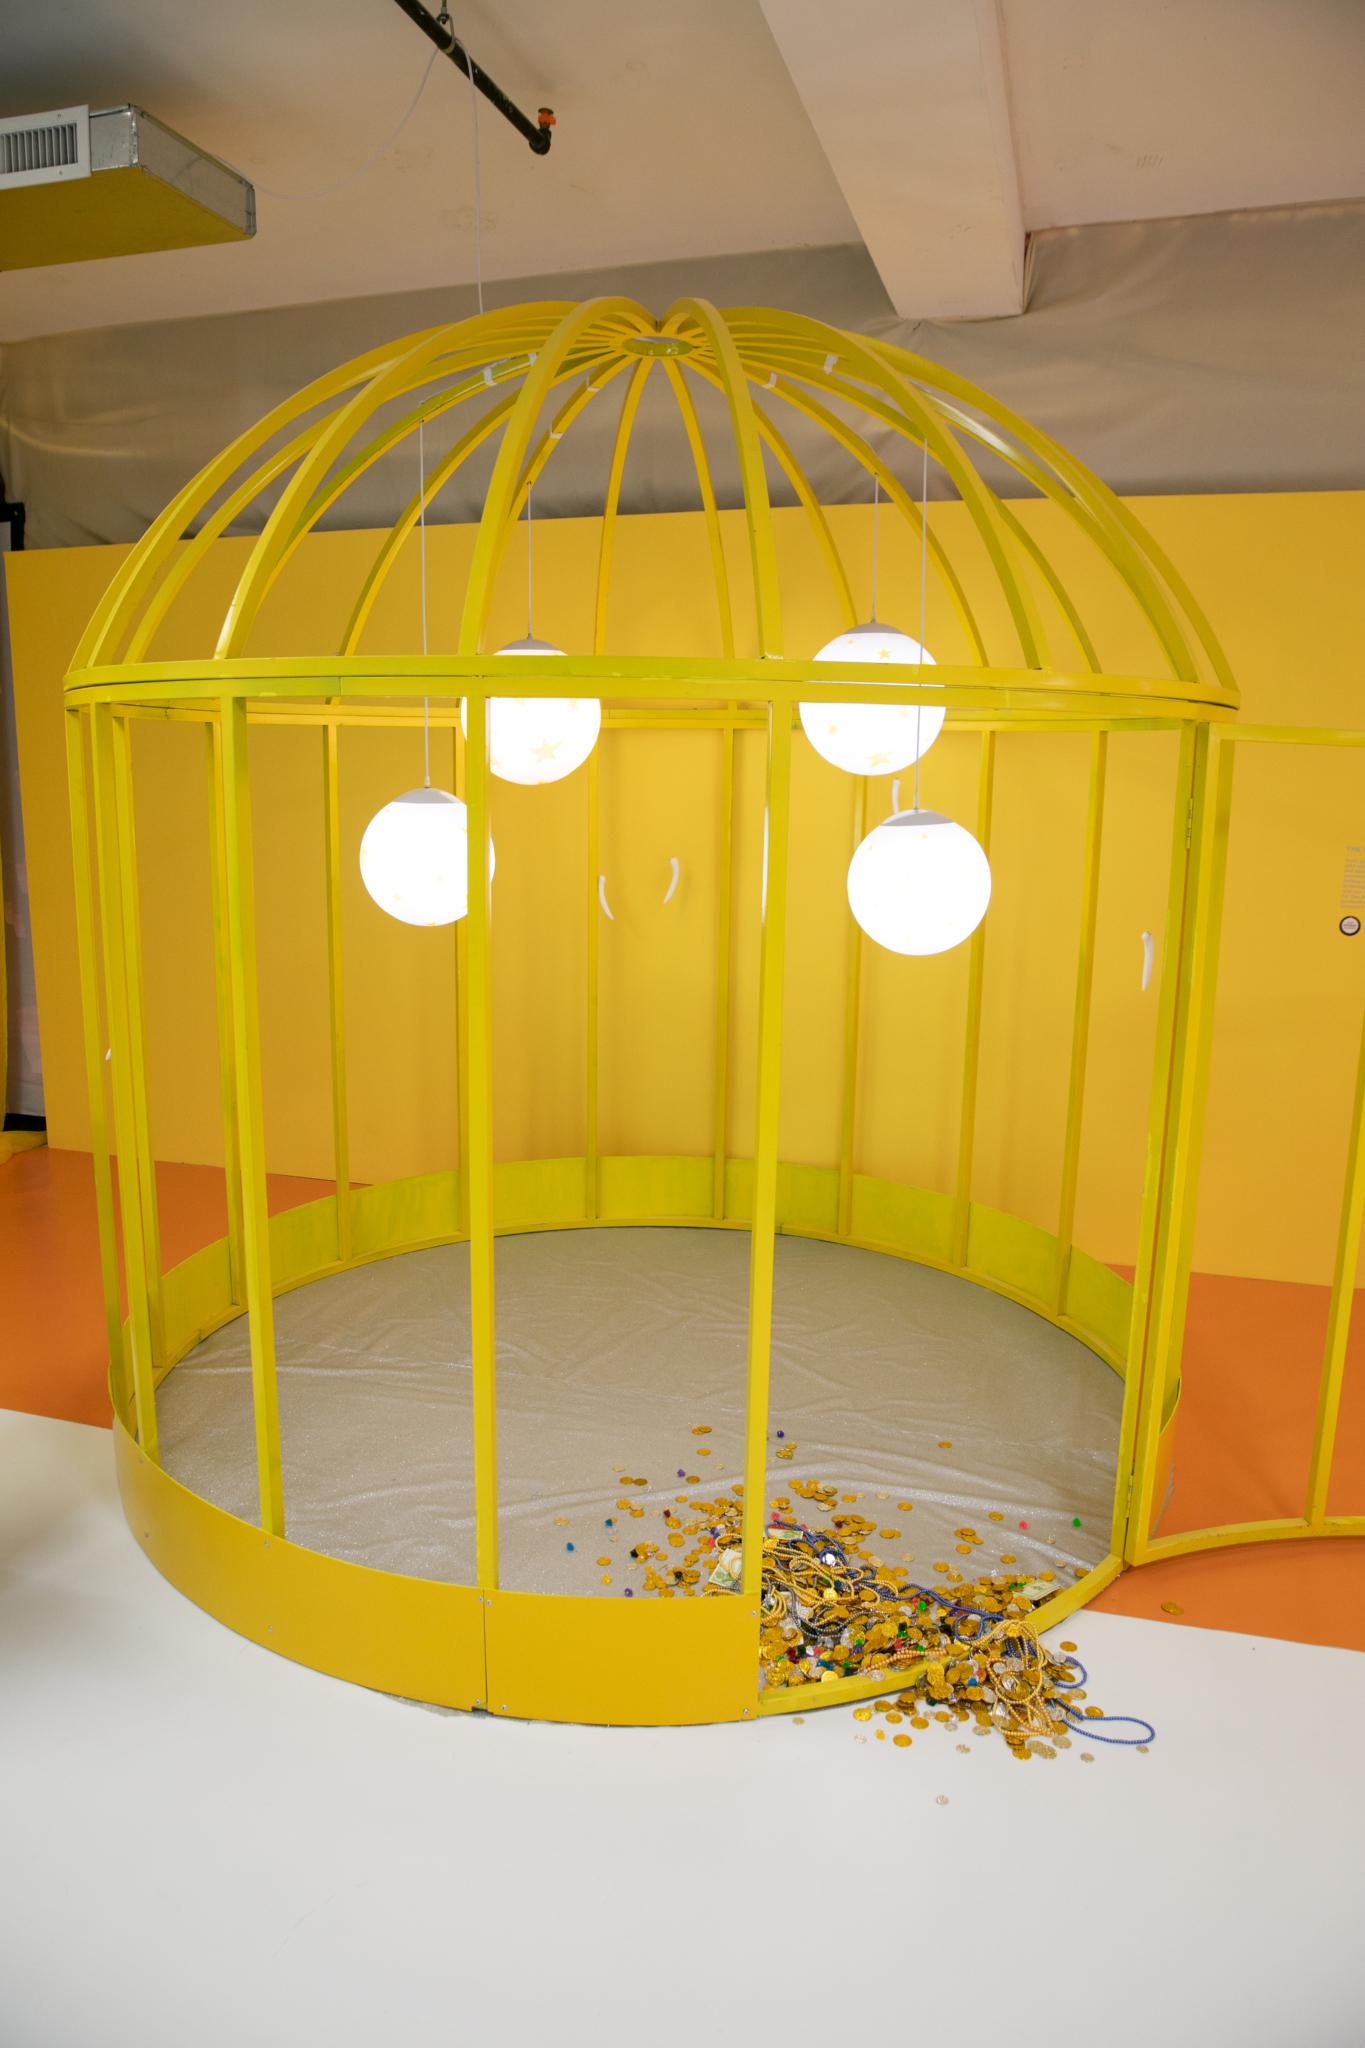 The Elepop NYC Pop-Up Museum: Photos & Videos Inside